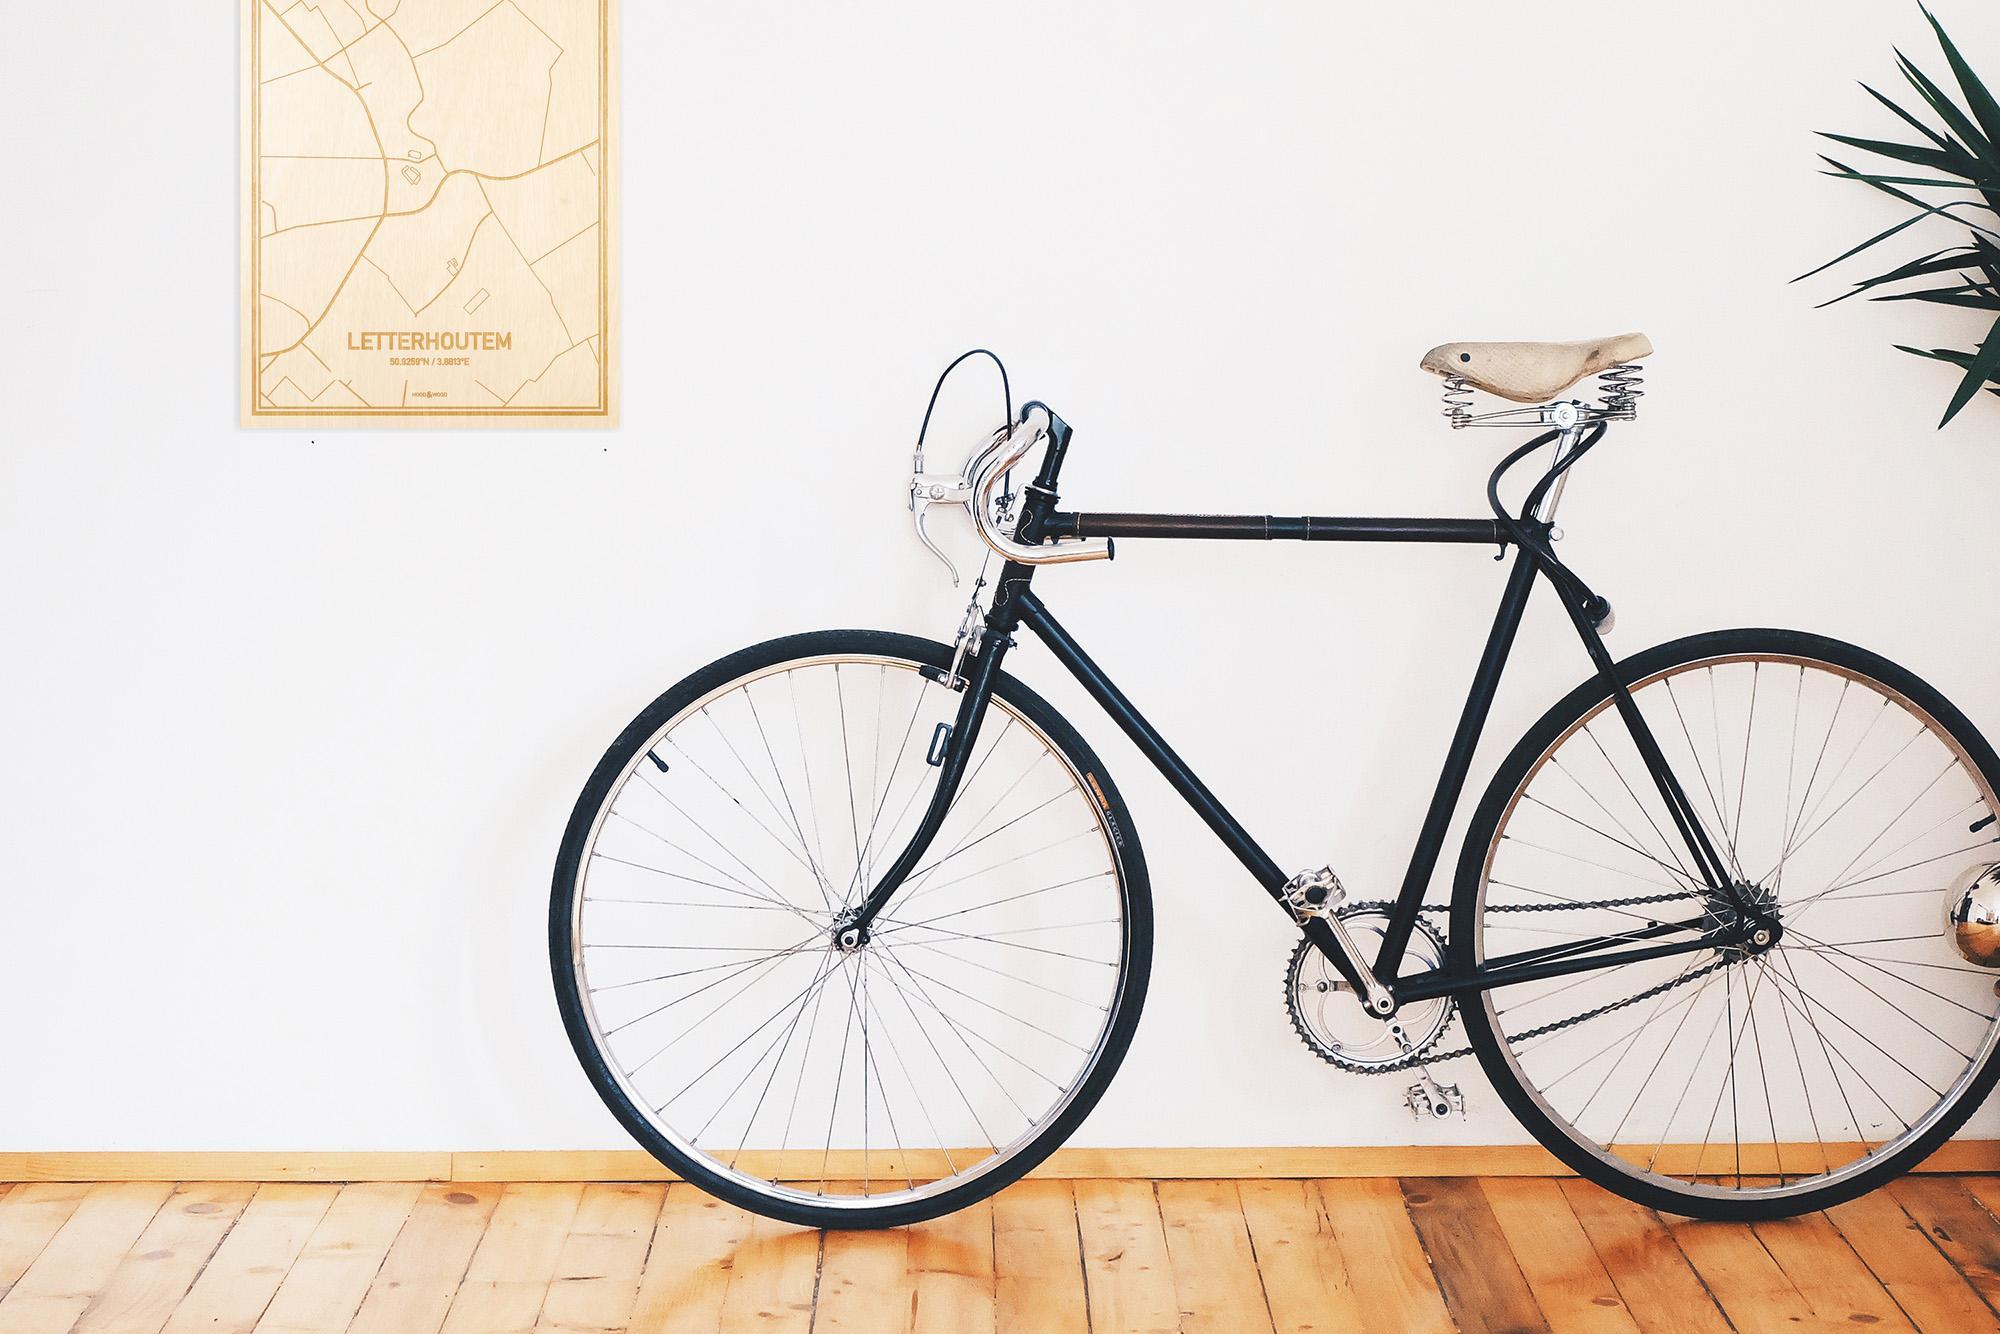 Een snelle fiets in een uniek interieur in Oost-Vlaanderen  met mooie decoratie zoals de plattegrond Letterhoutem.